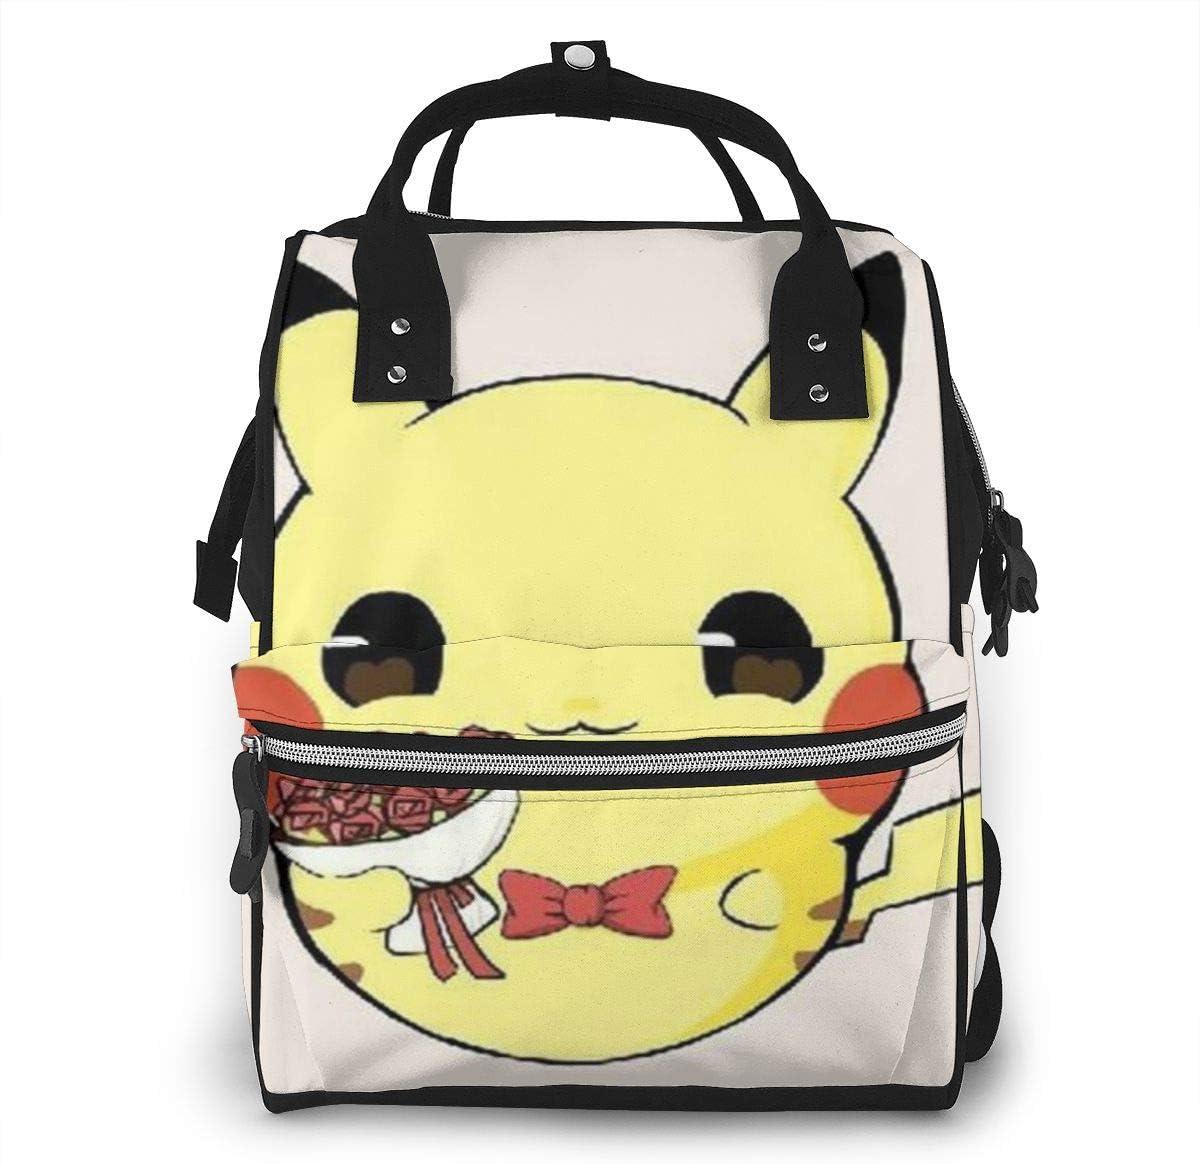 Boda Pikachu Bolsa de pañales para mamá, multifunción, gran capacidad, mochila de viaje